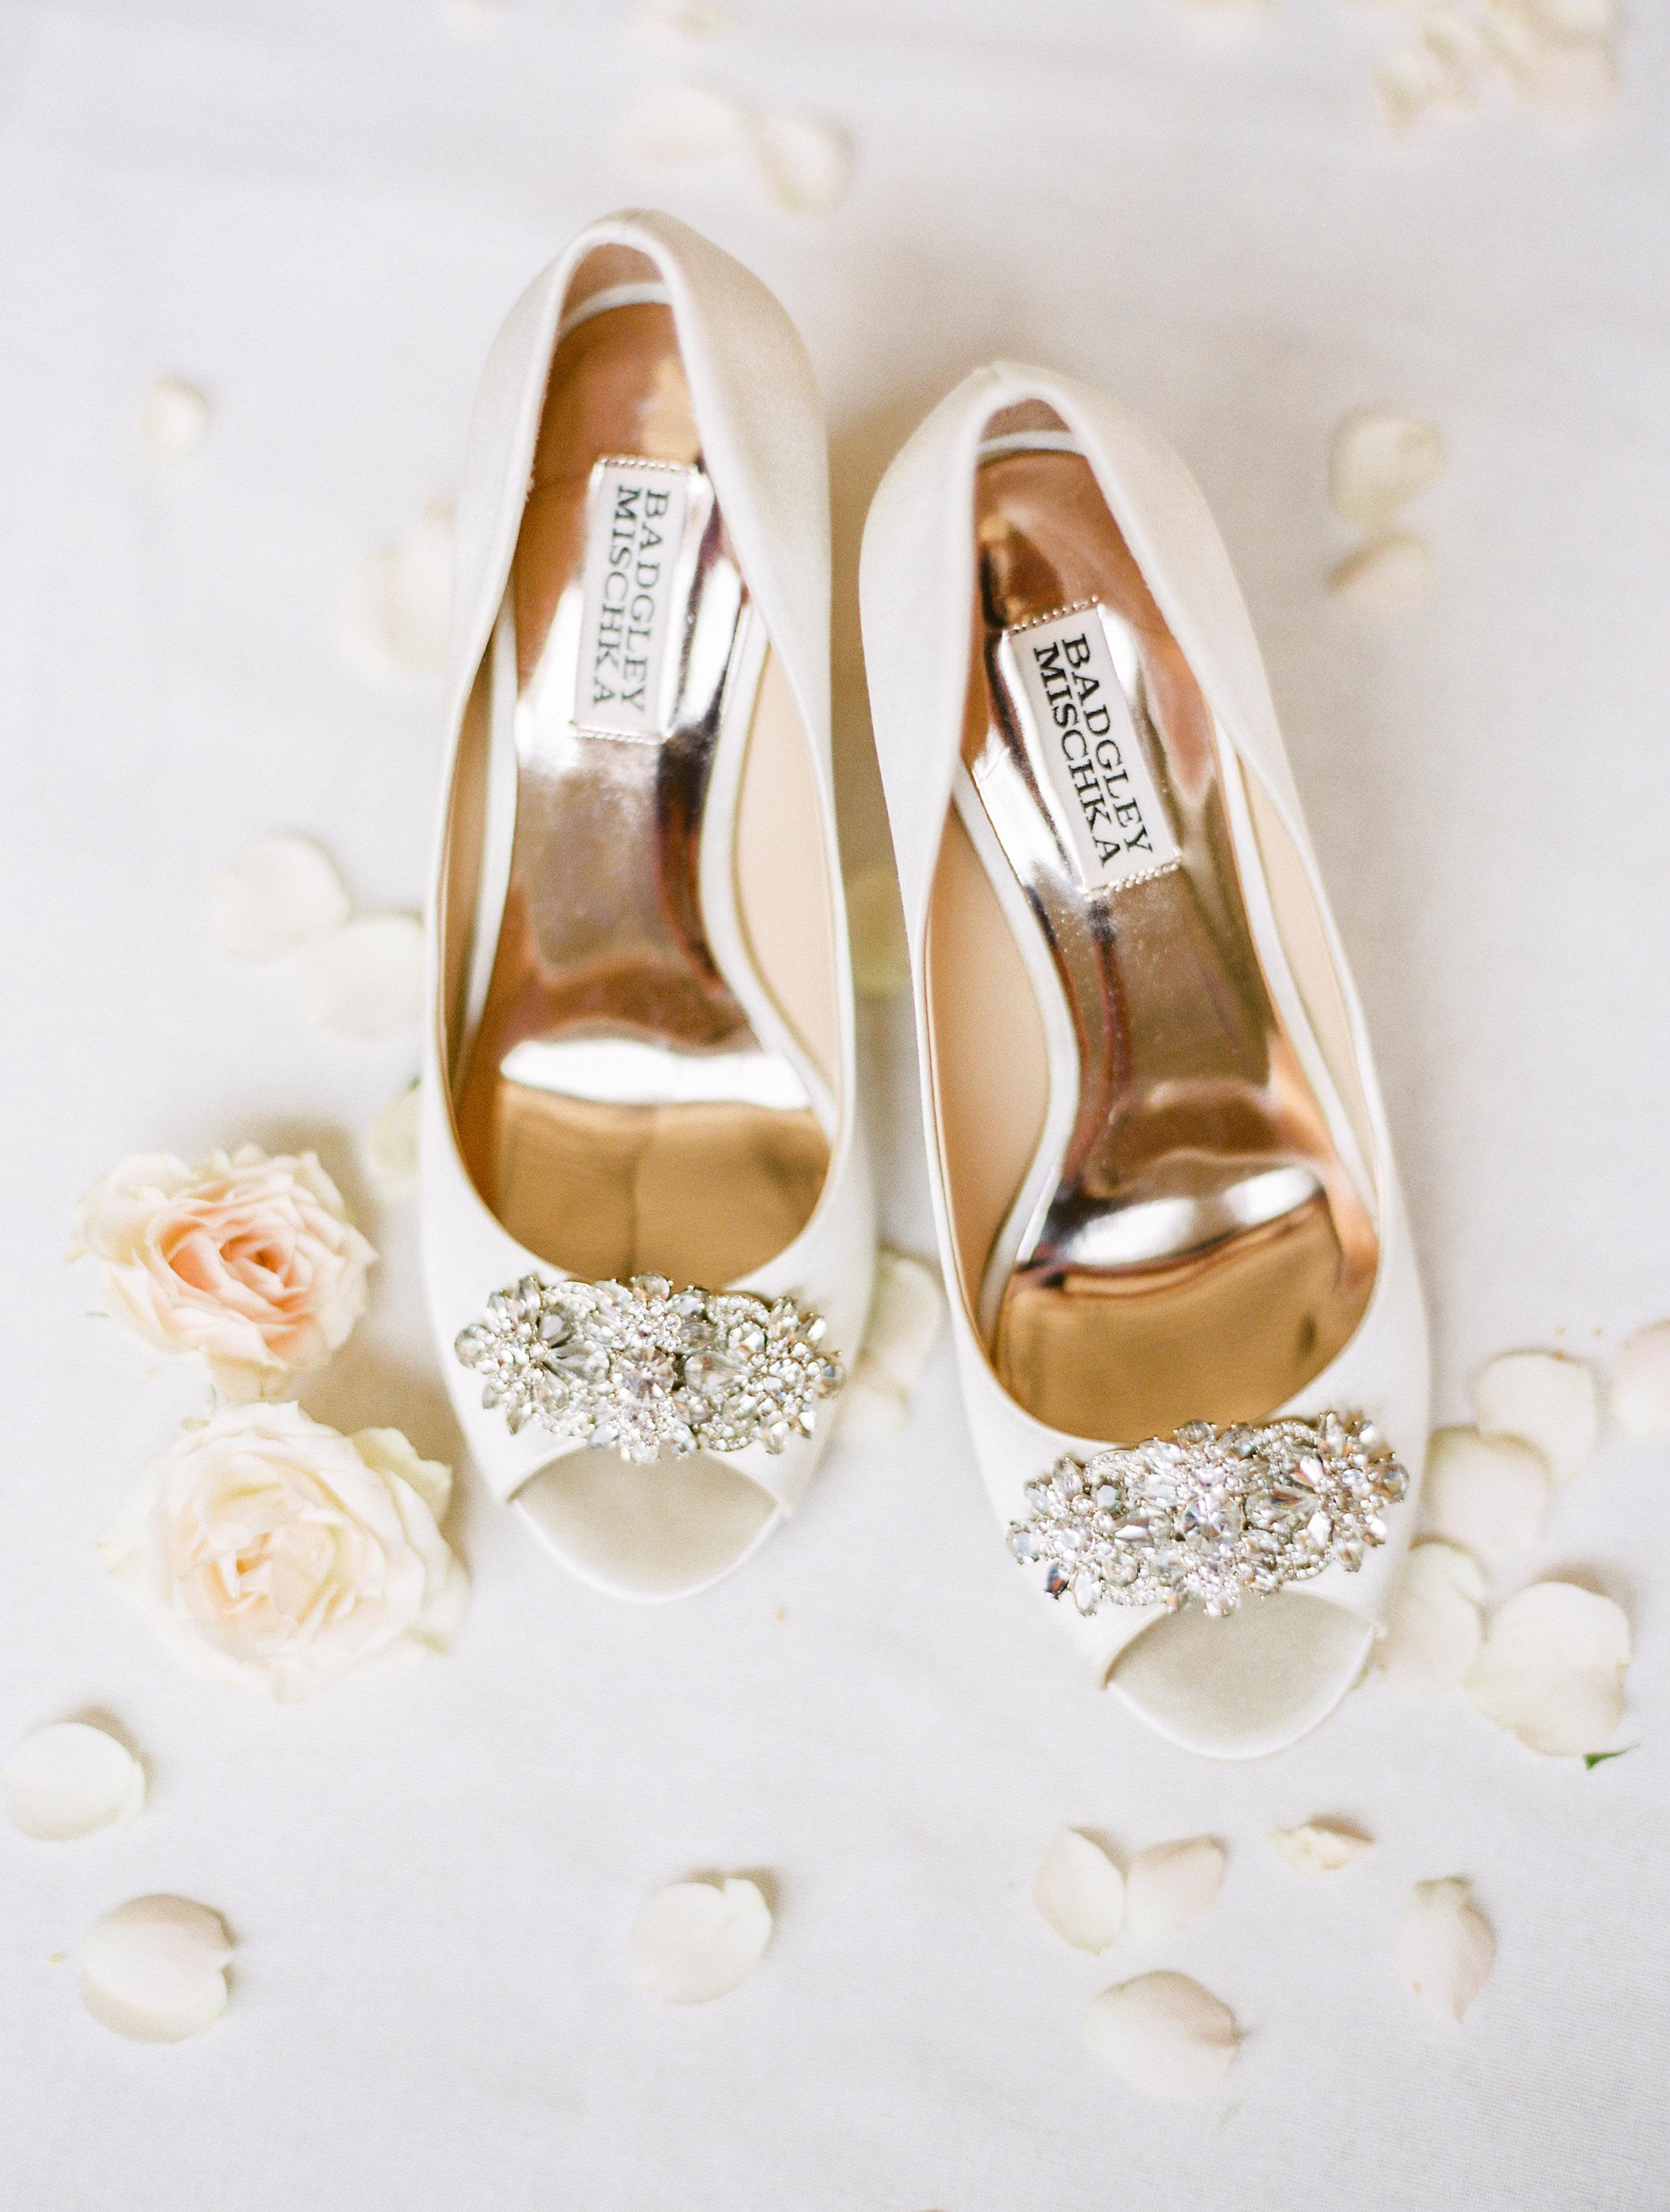 Steiner+Wedding+Details-36.jpg